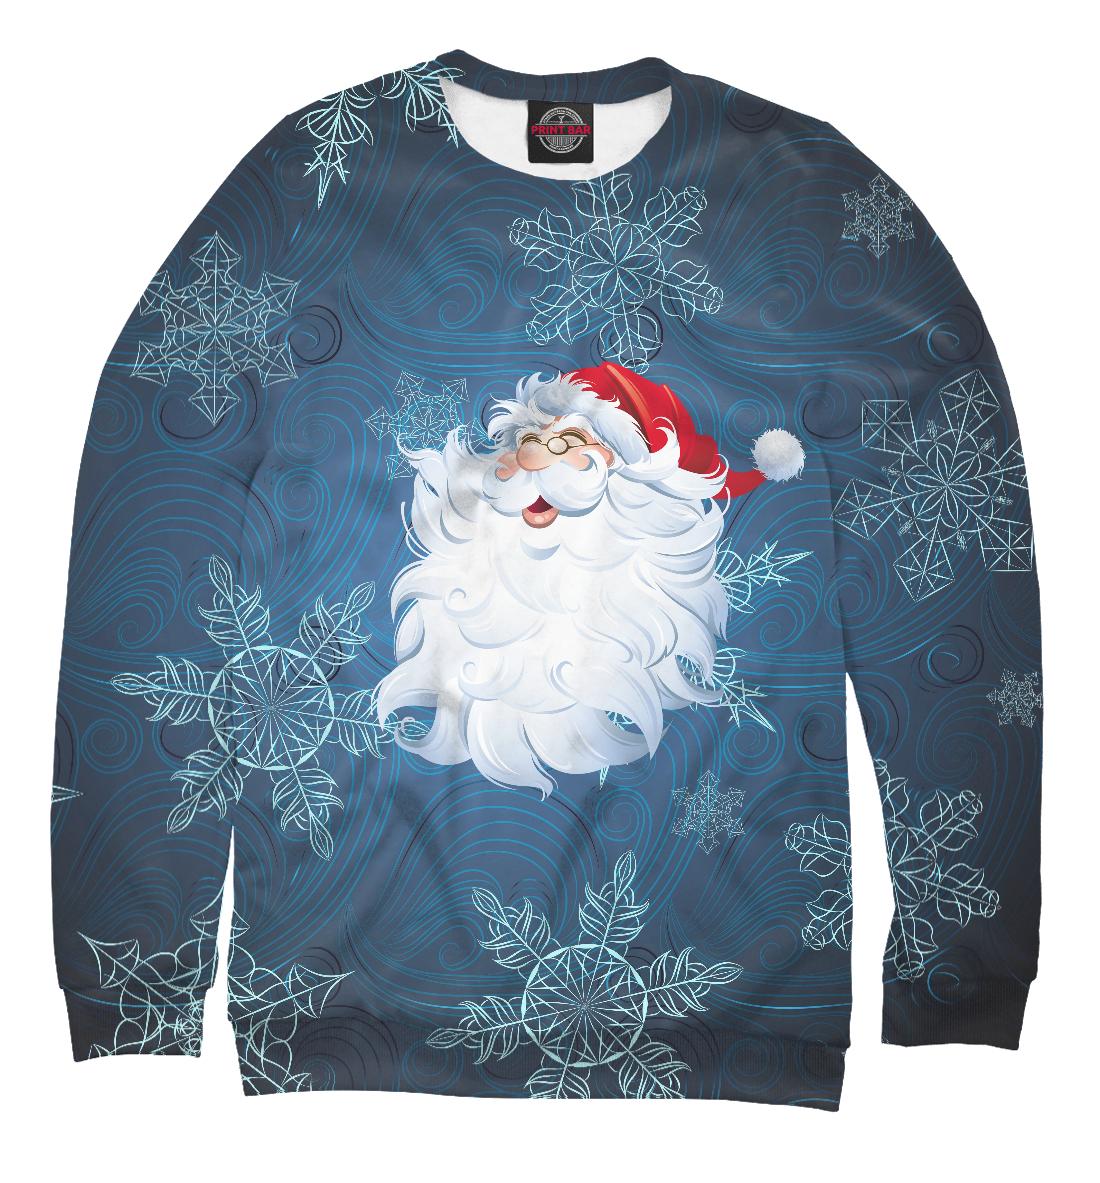 Купить Веселый Дед Мороз, Printbar, Свитшоты, NOV-514464-swi-2